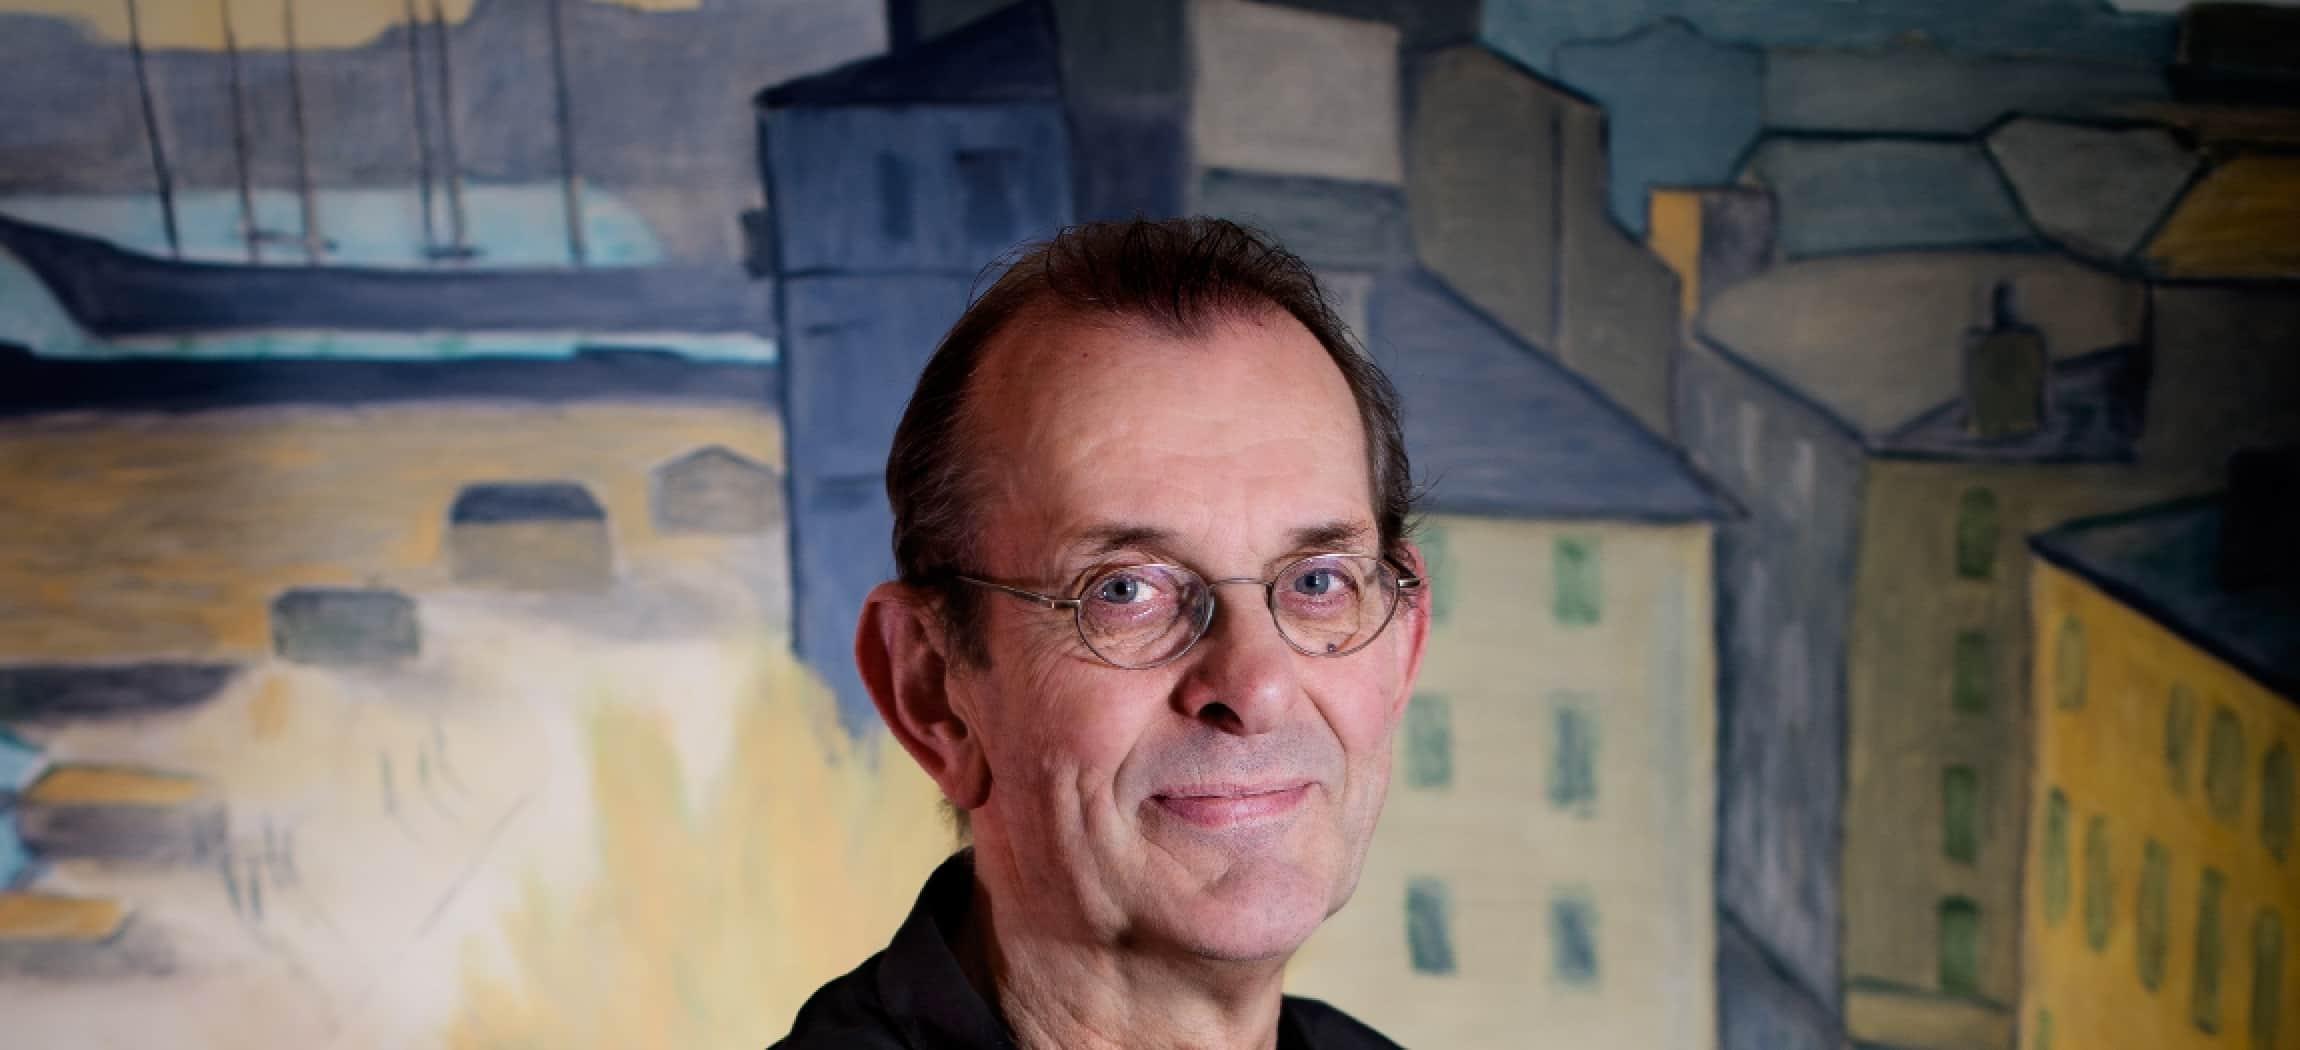 De heer Verbeek is lid van Amstelring Ledenservice - uit de serie Mensen van Amstelring